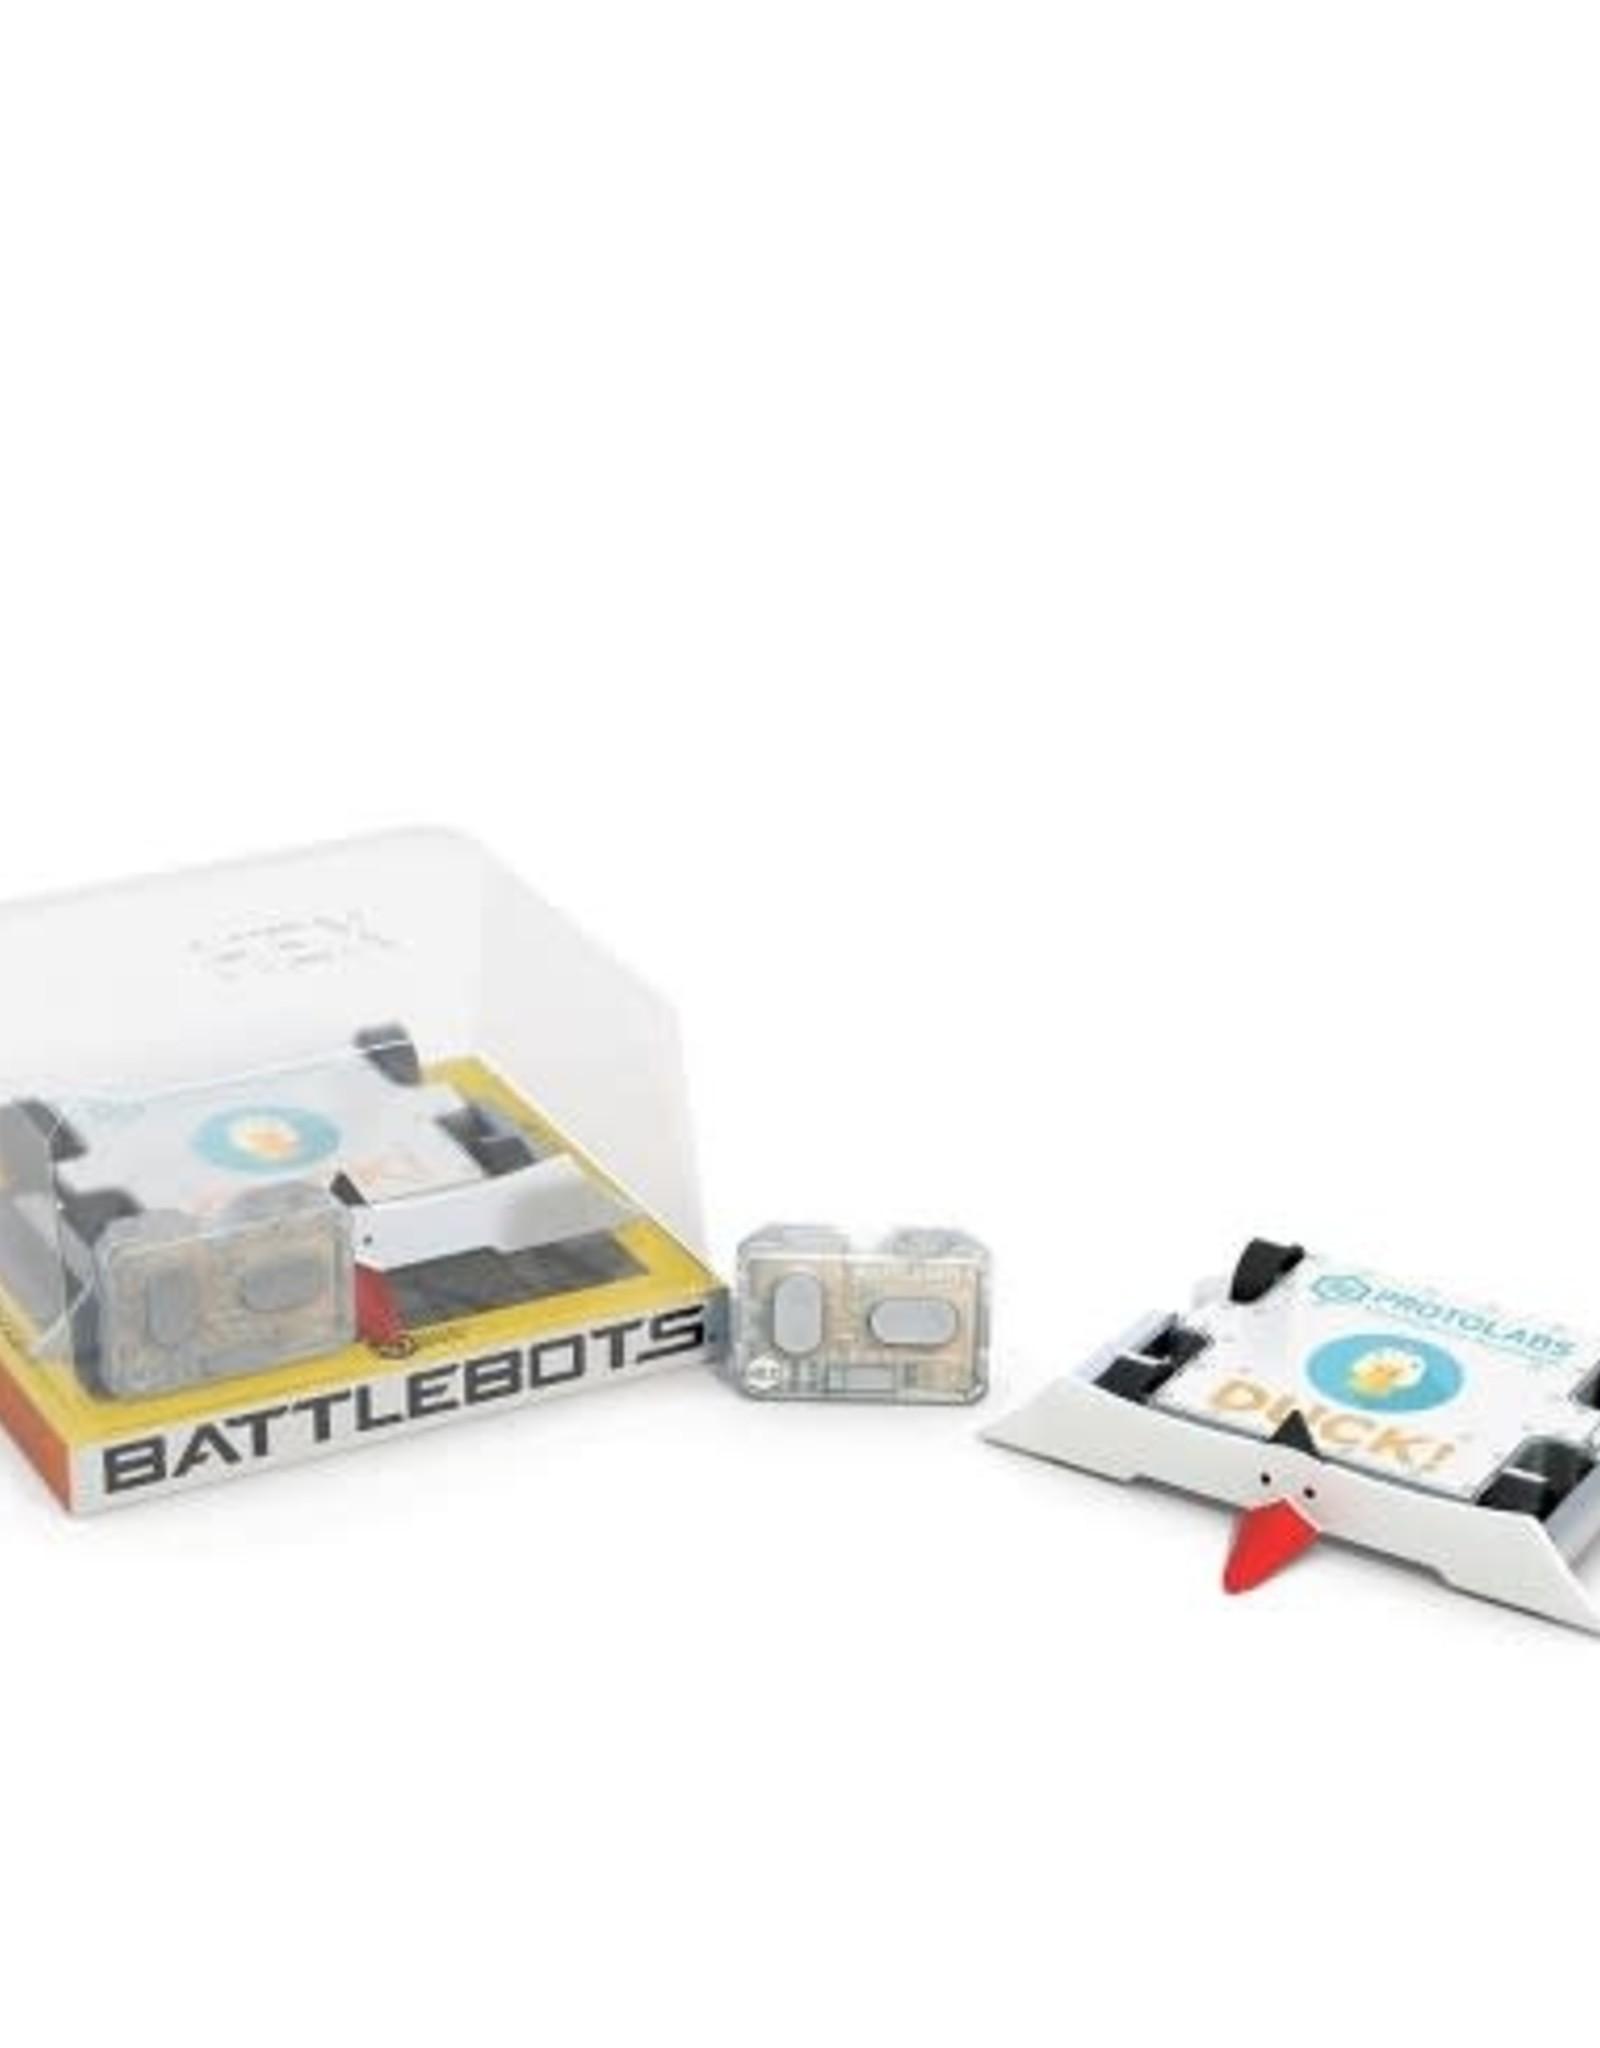 Battlebots Battlebots Rivals 5.0